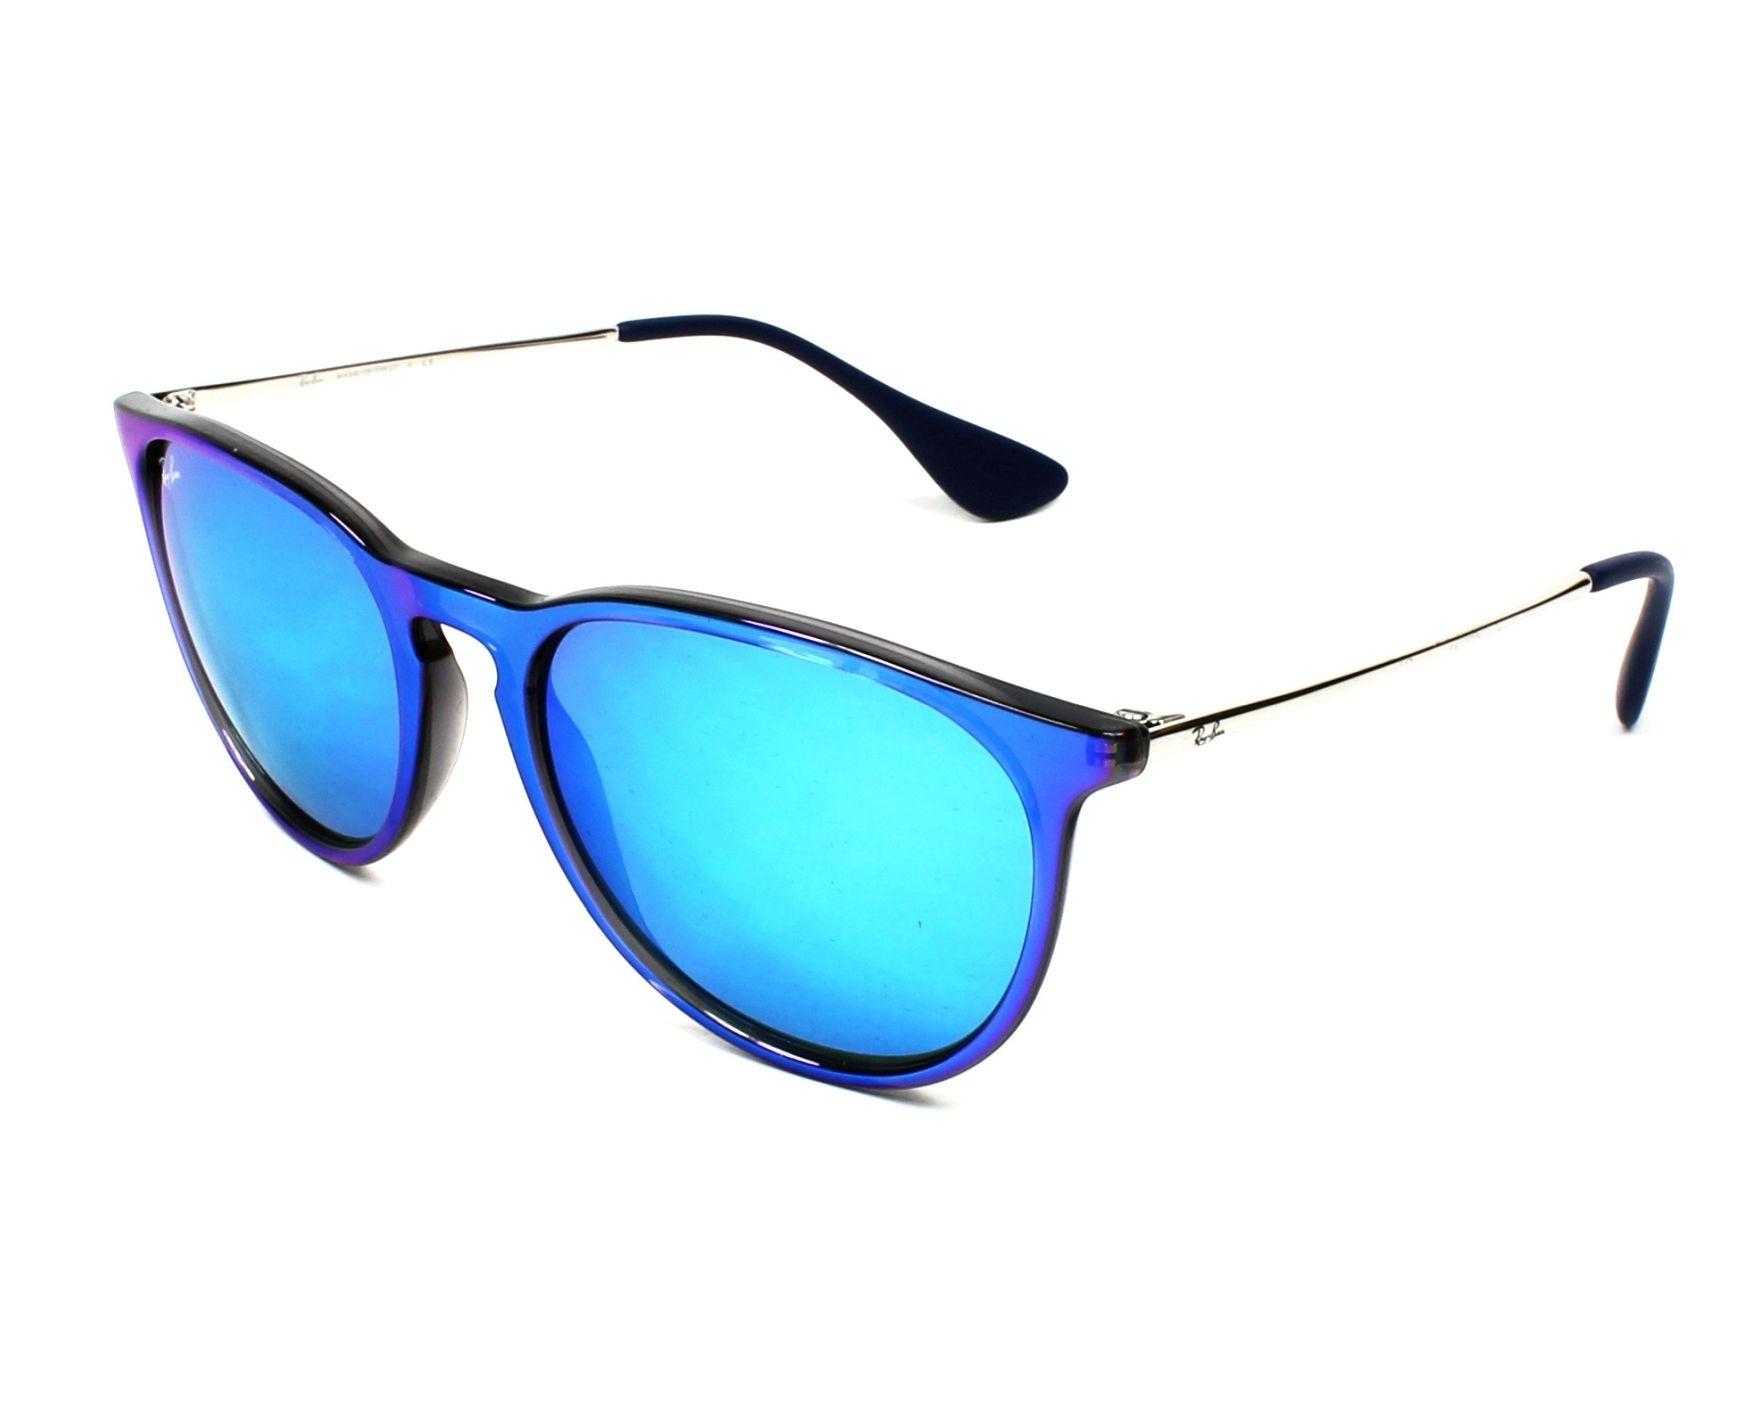 fa5ed118798ed Sunglasses Ray-Ban RB-4171 631855 - Blue Grey profile view